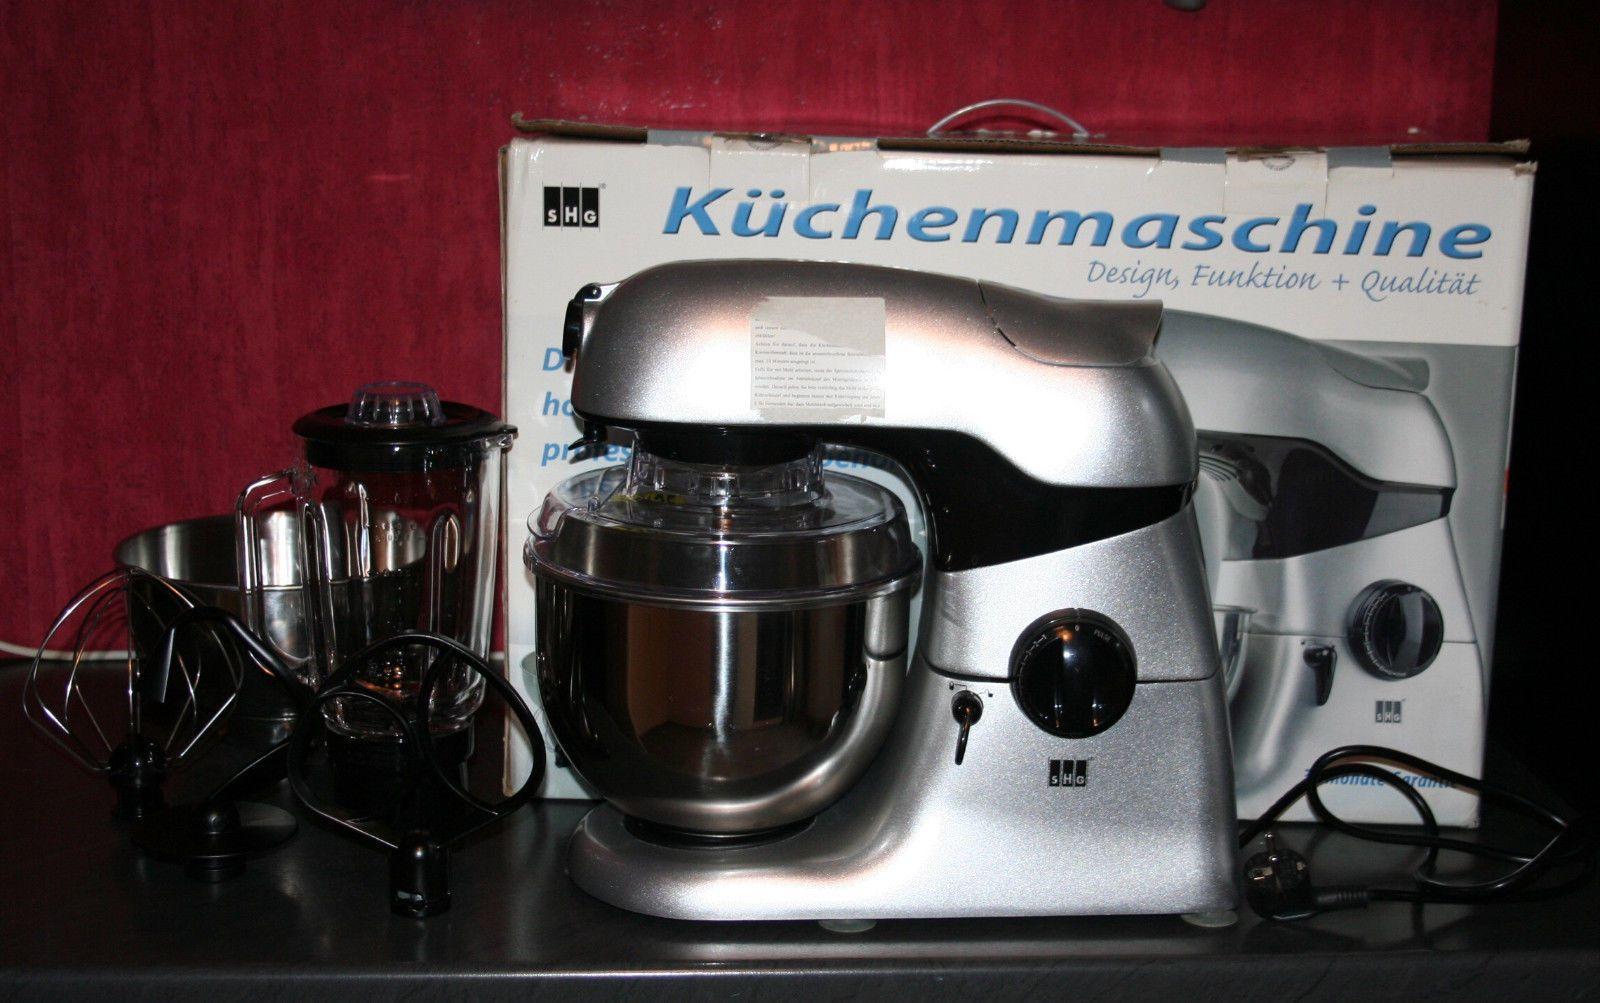 Shg küchenmaschine ~ Shg küchenmaschine w schüsseln mixer mit ovp x